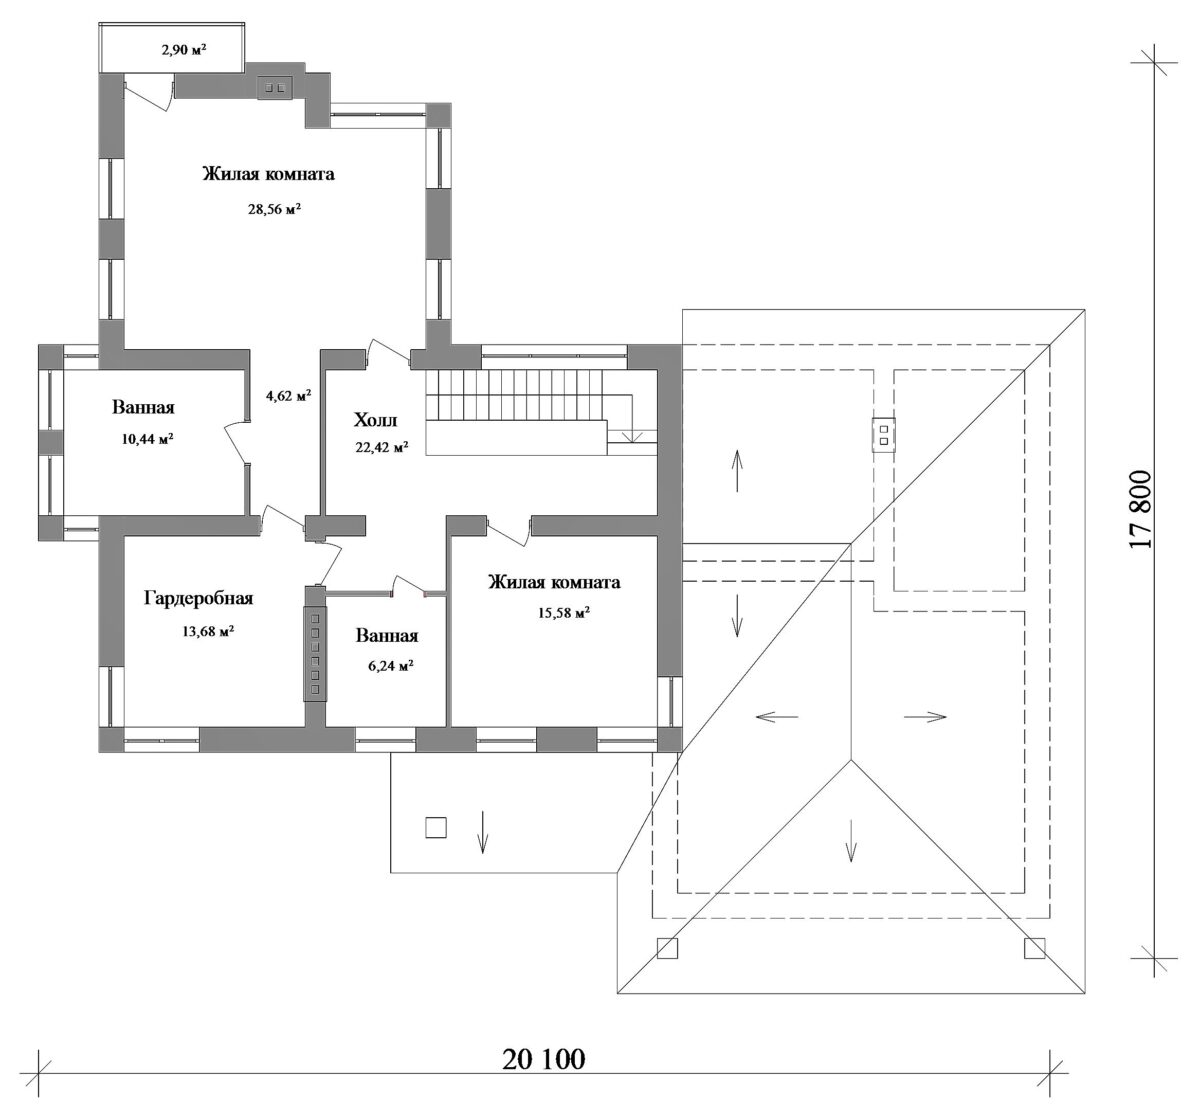 Адмирал E-024. Проект двухэтажного дома на 3 спальни, с пристроенным гаражом на 2 авто